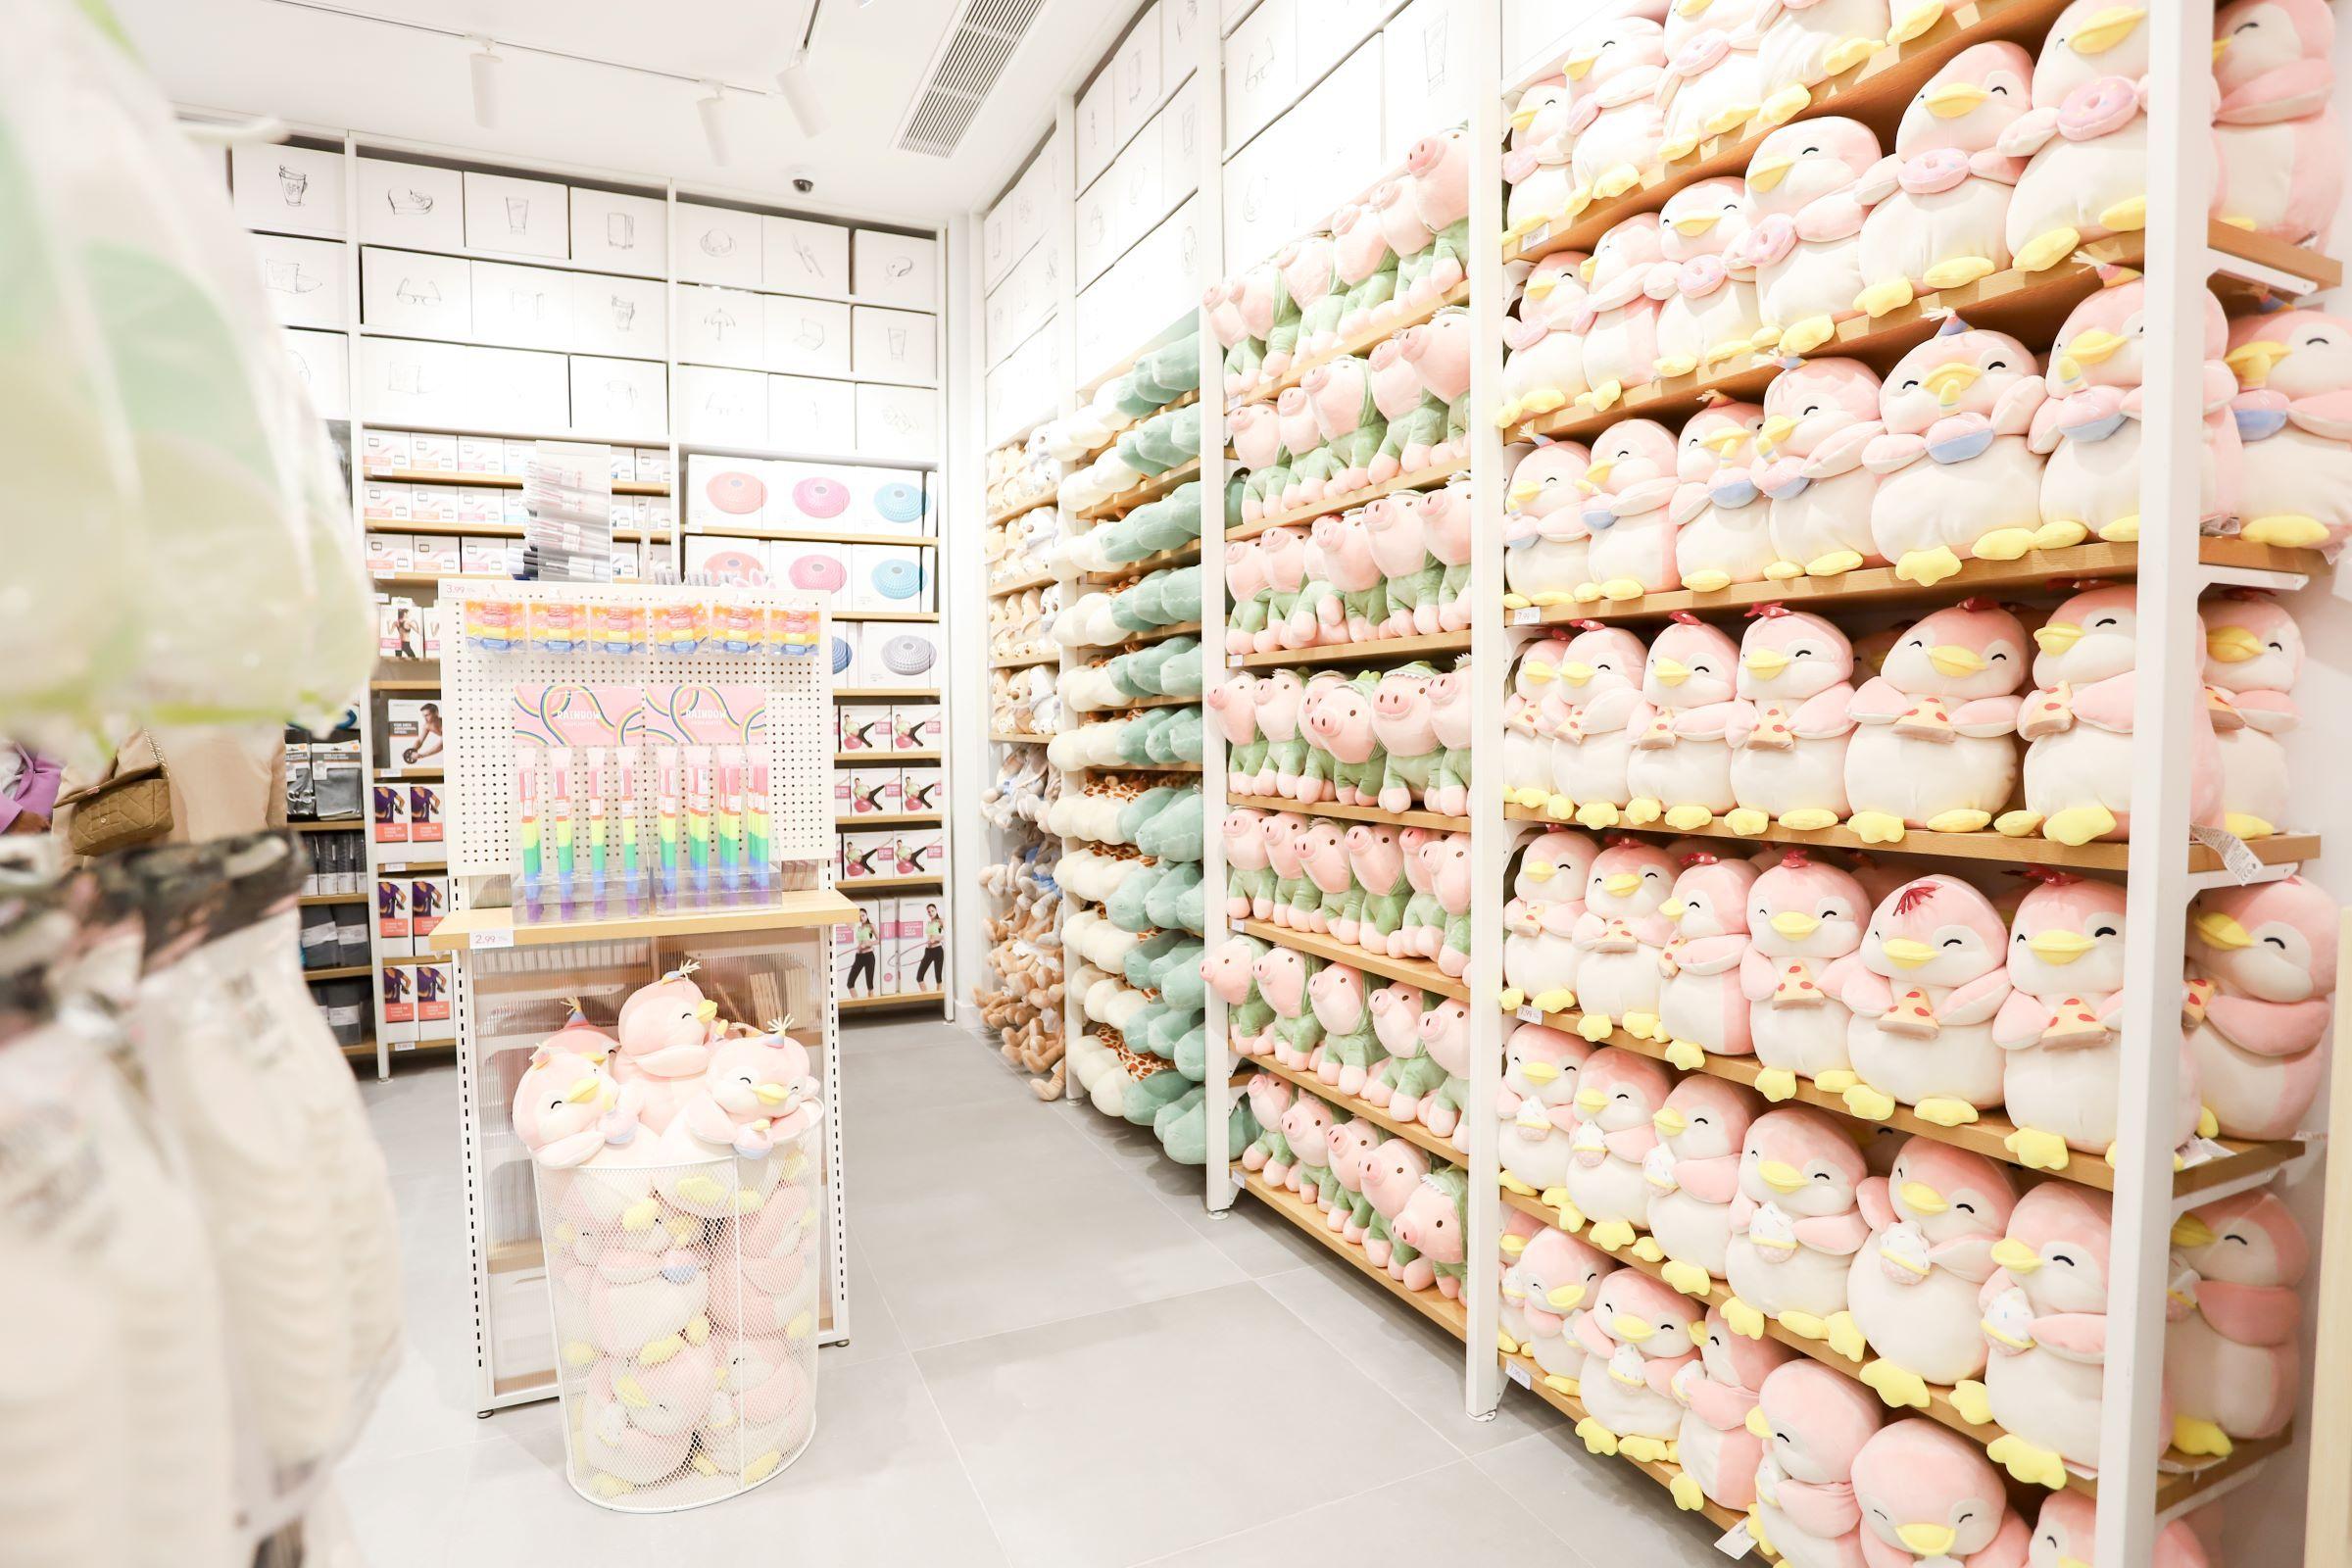 El arrasador diseño japonés de Miniso inicia su despliegue en islas baleares con su primera tienda en Palma de Mallorca